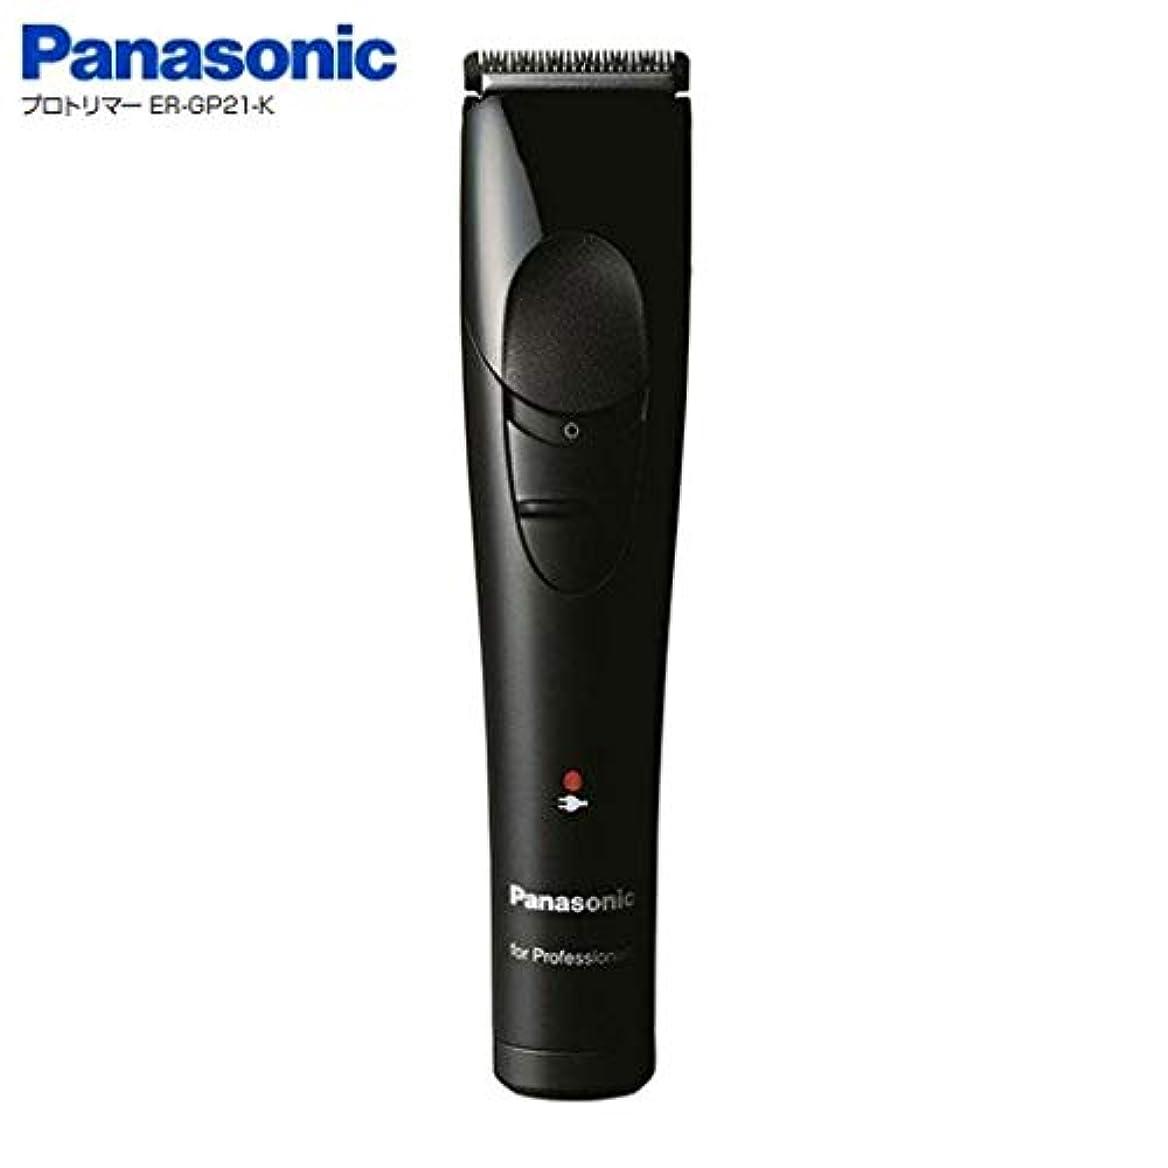 クランシー犯人先生Panasonic パナソニック プロトリマー ER-GP21-K